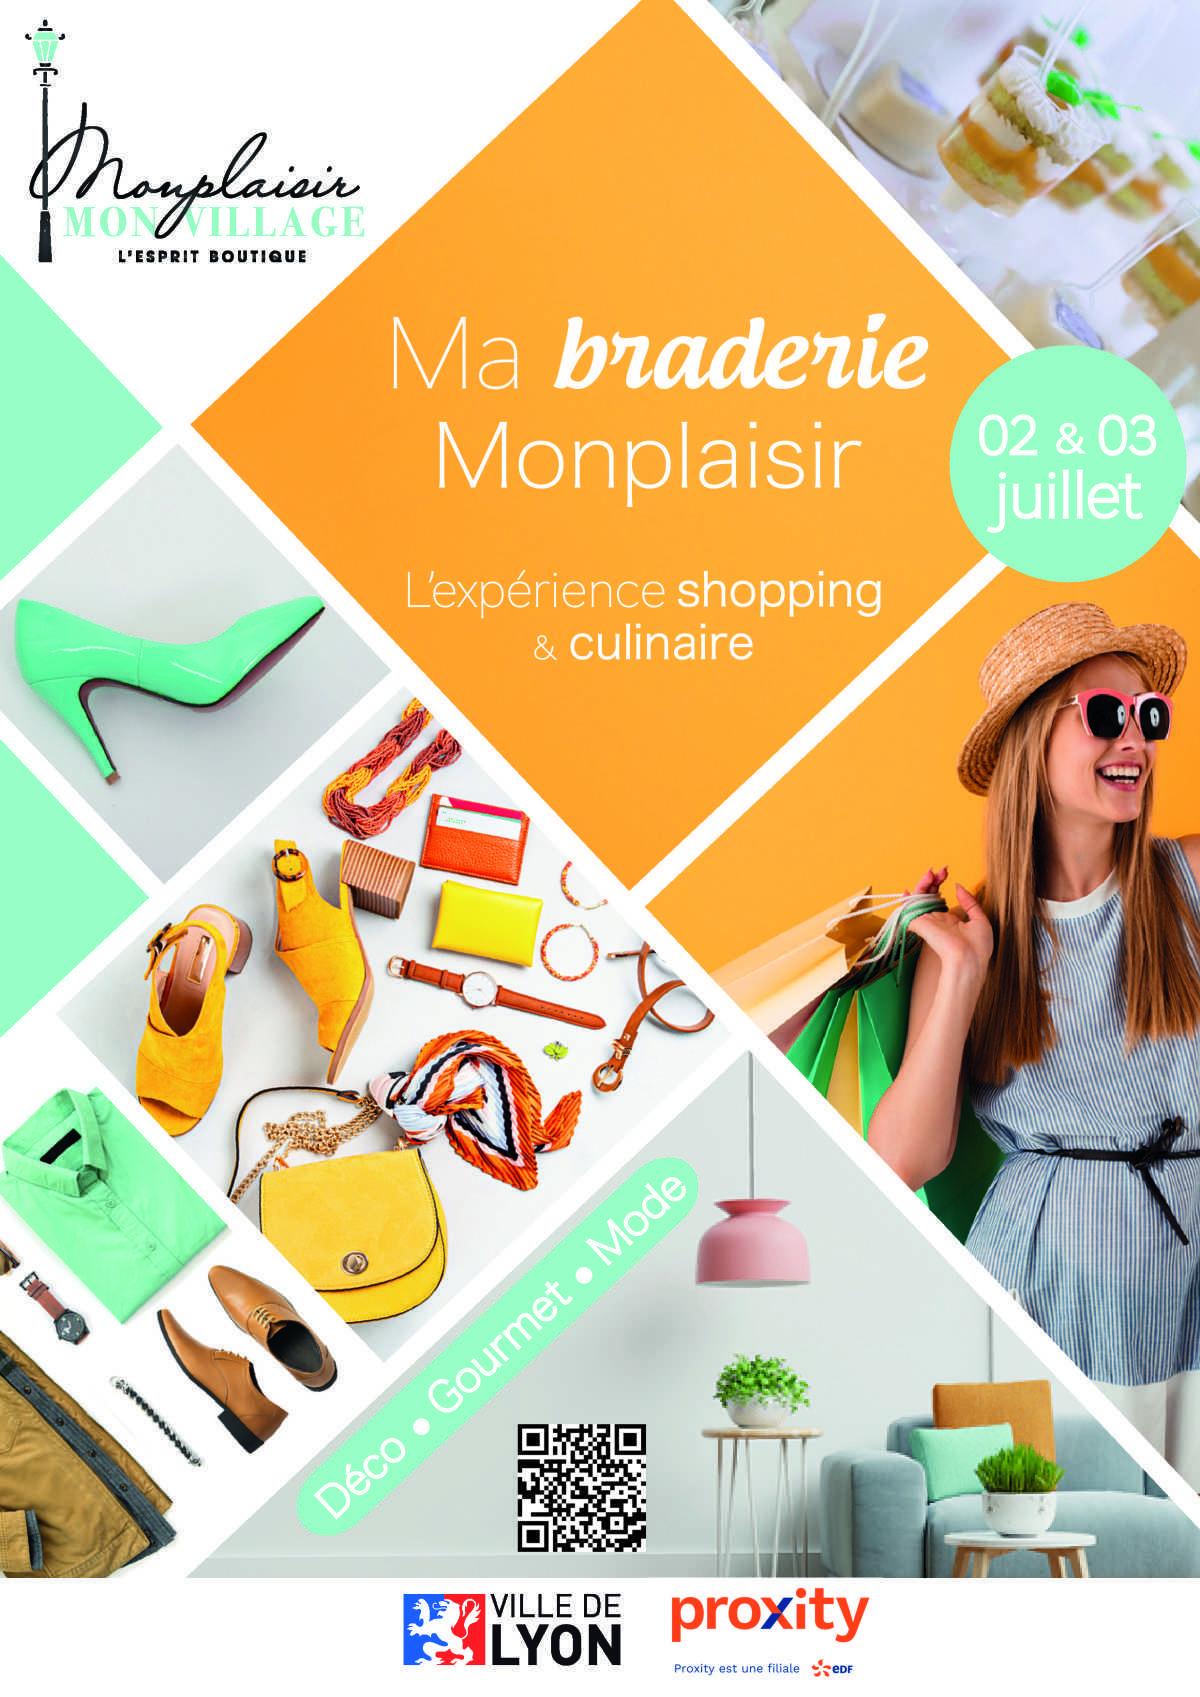 2 et 3/07 - Ma braderie, Monplaisir : l'expérience shopping et culinaire en plein air de l'été